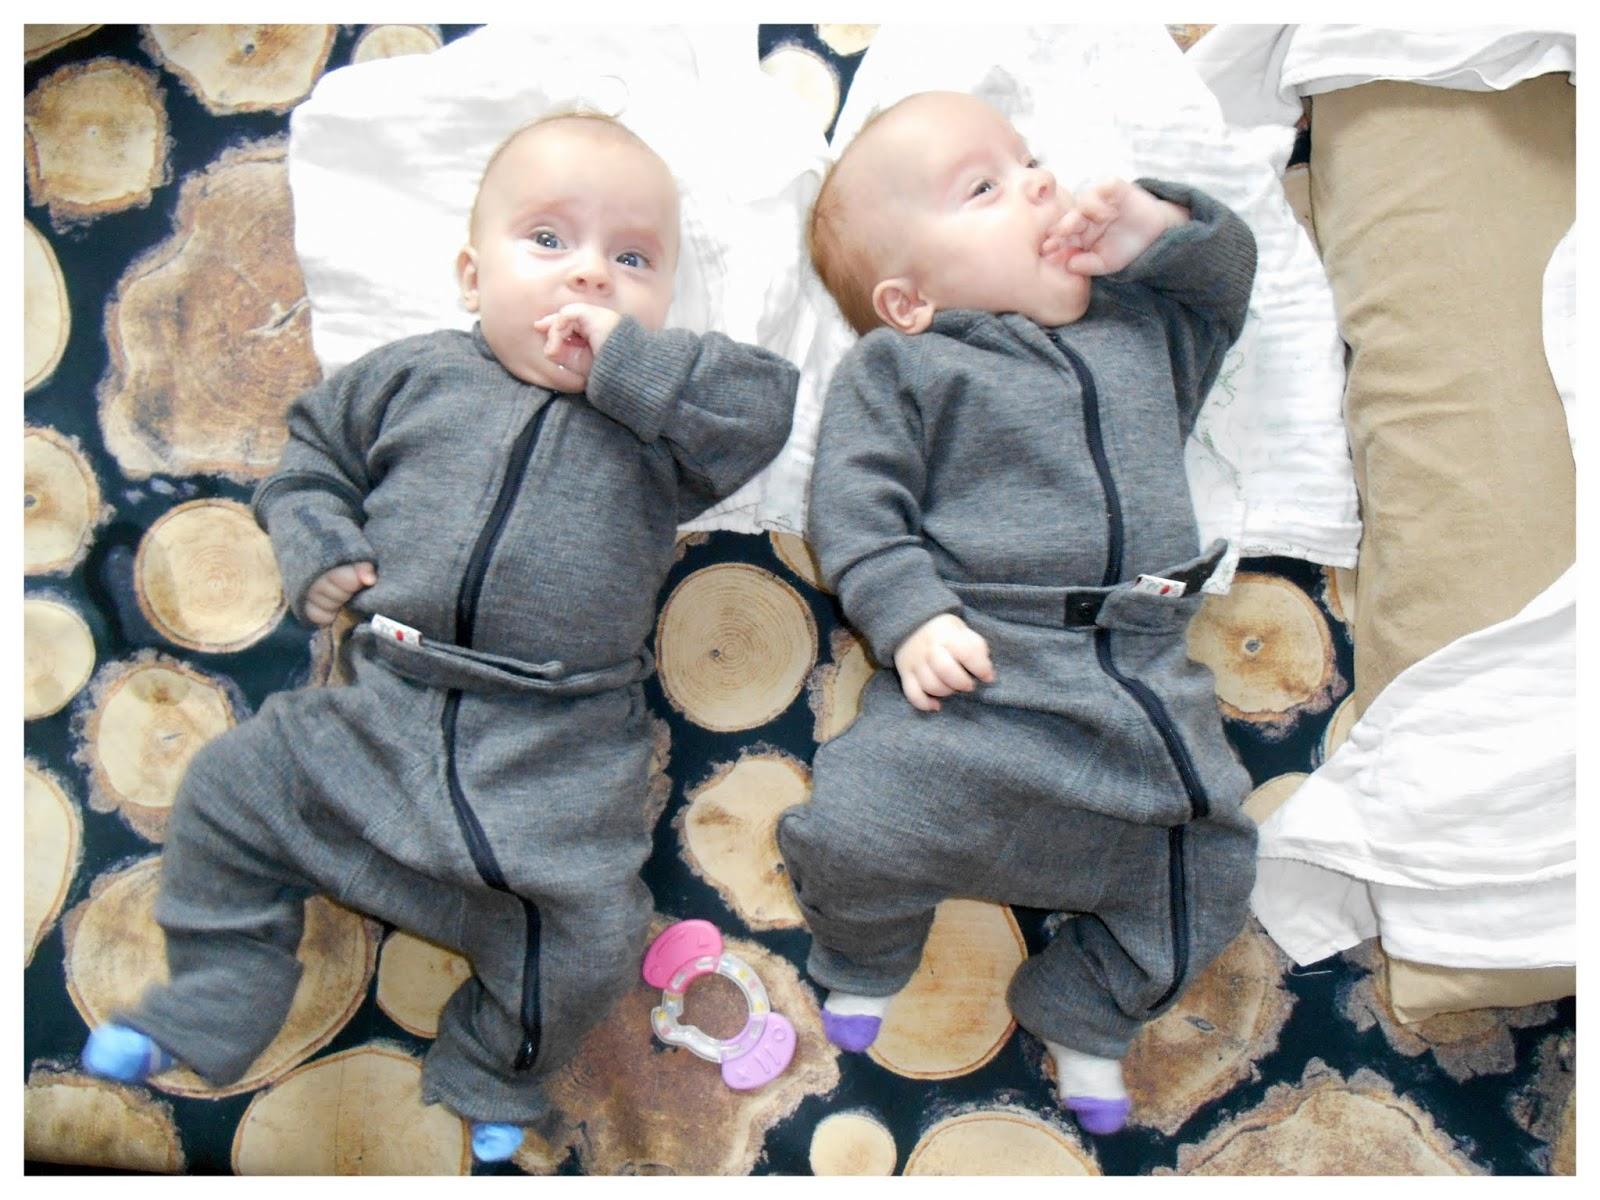 Výbava pro miminka- merino overaly